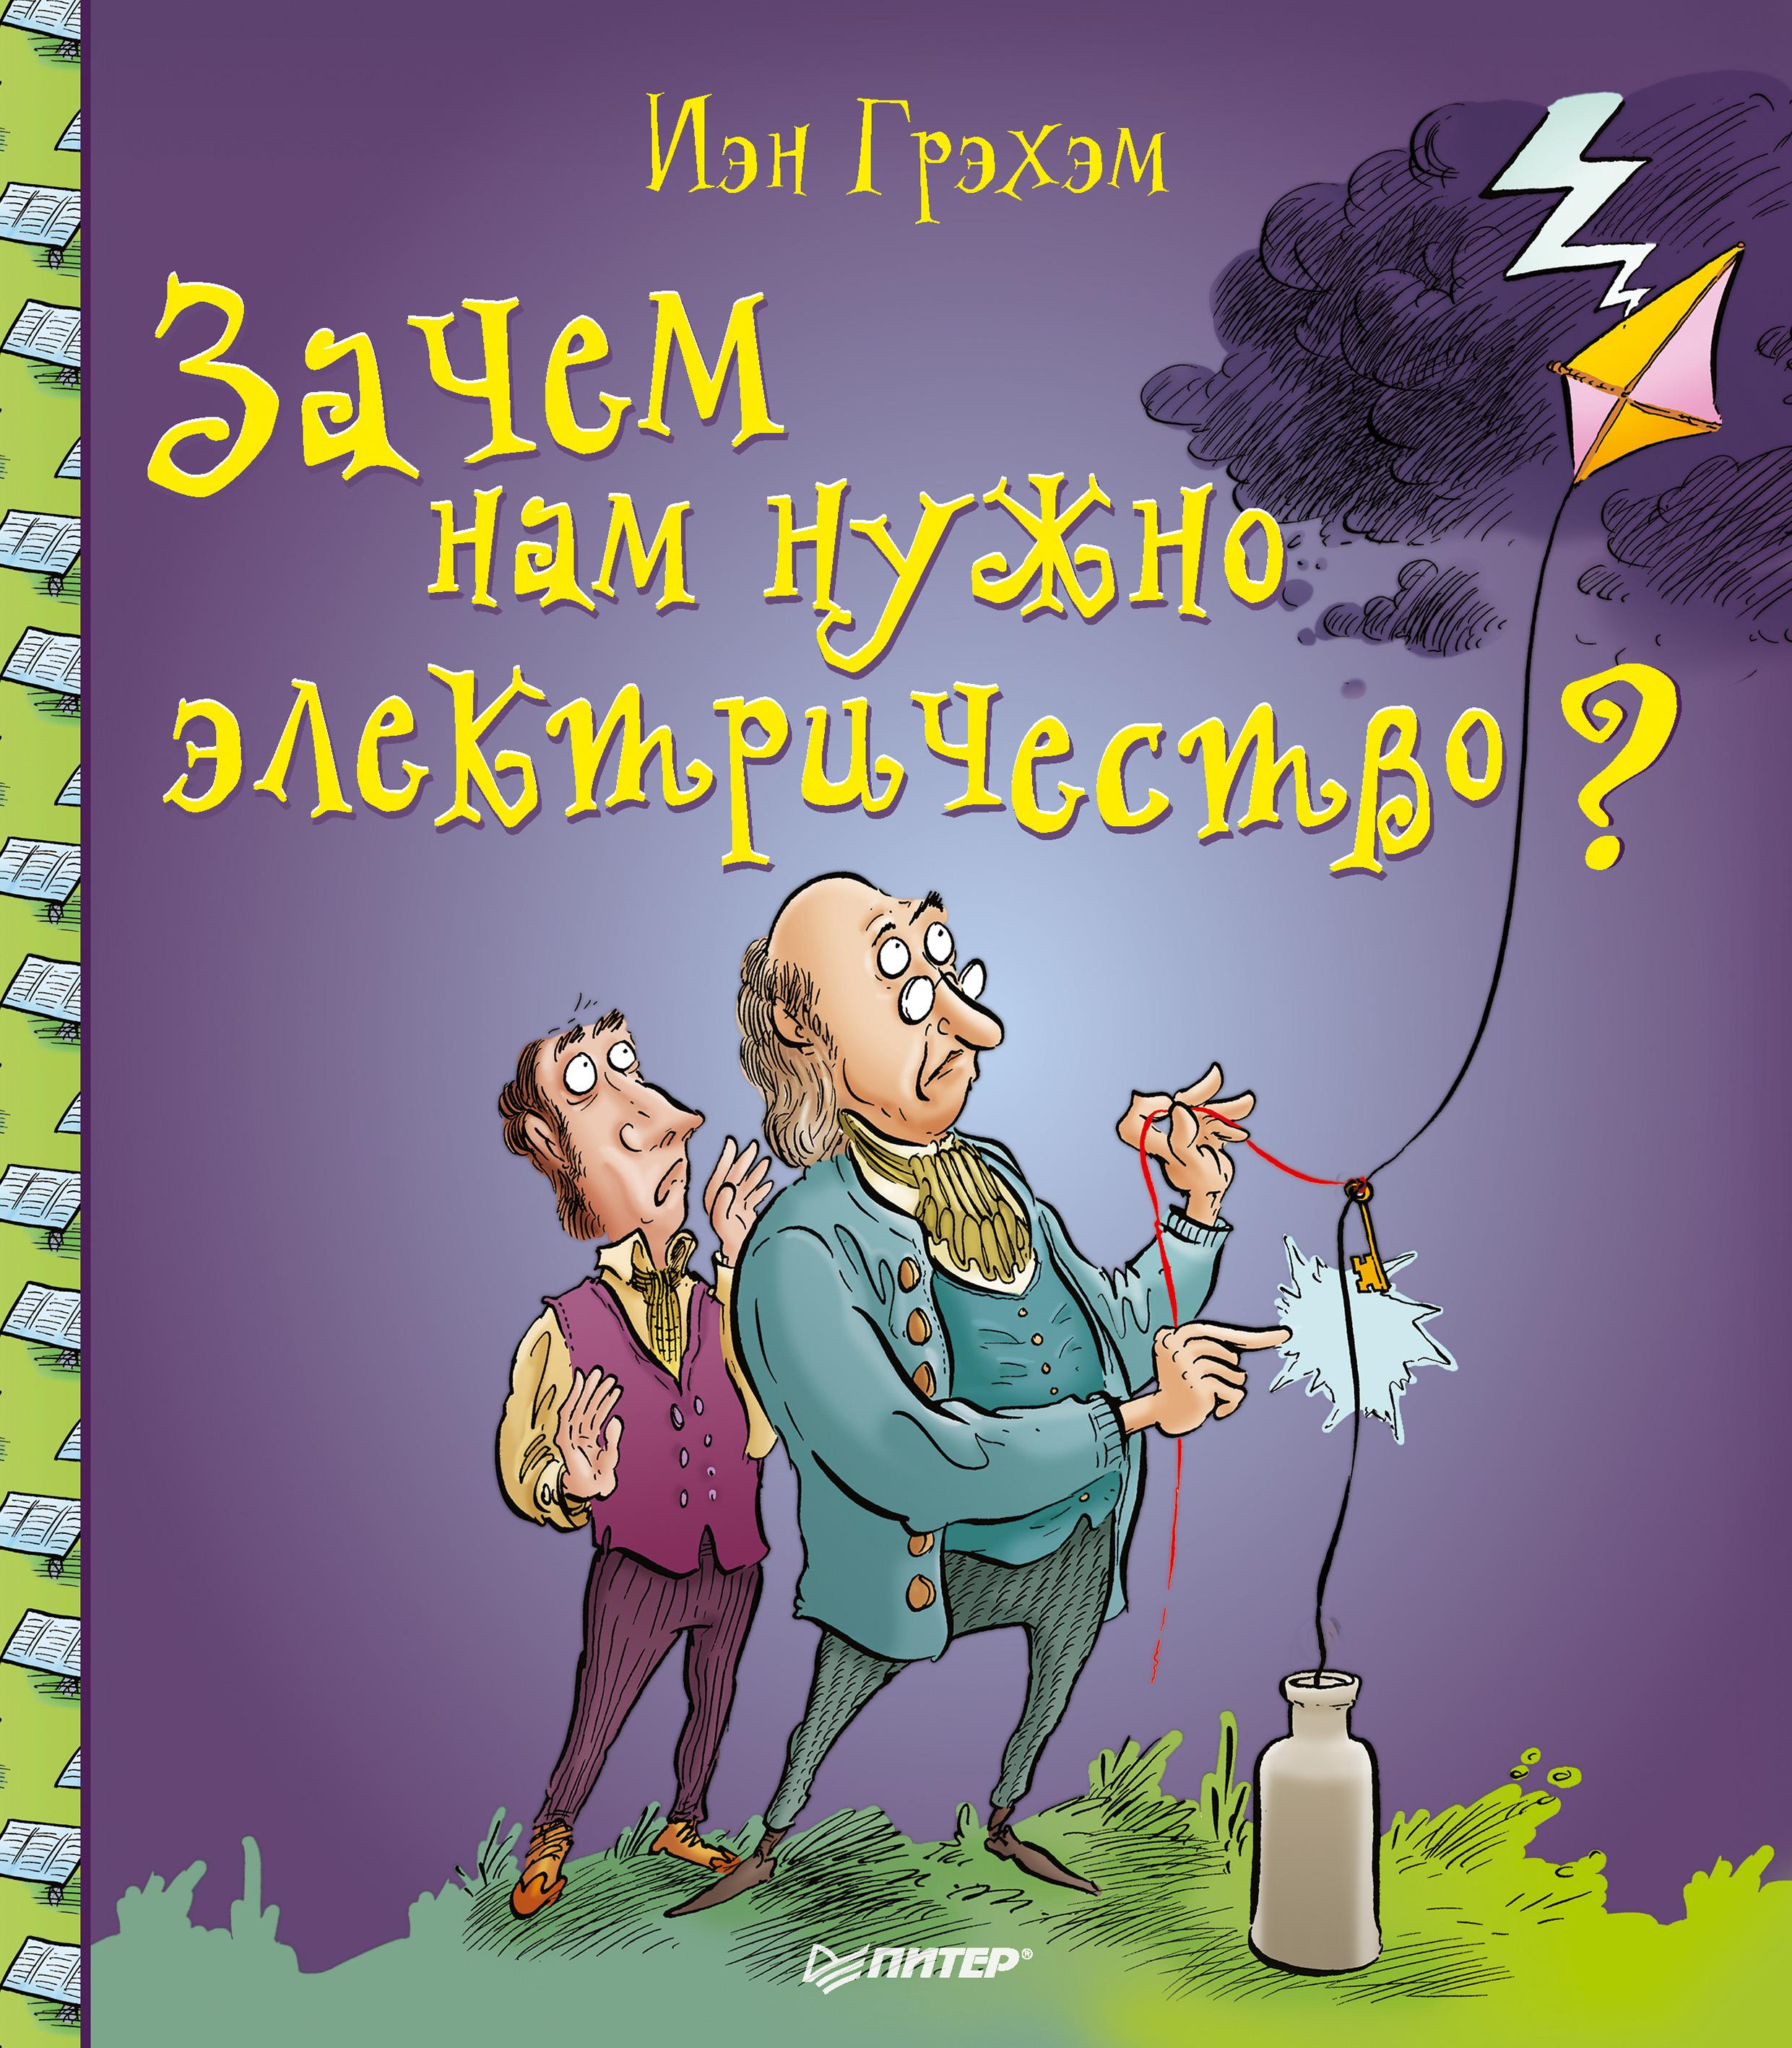 Зачем нам нужно электричество?